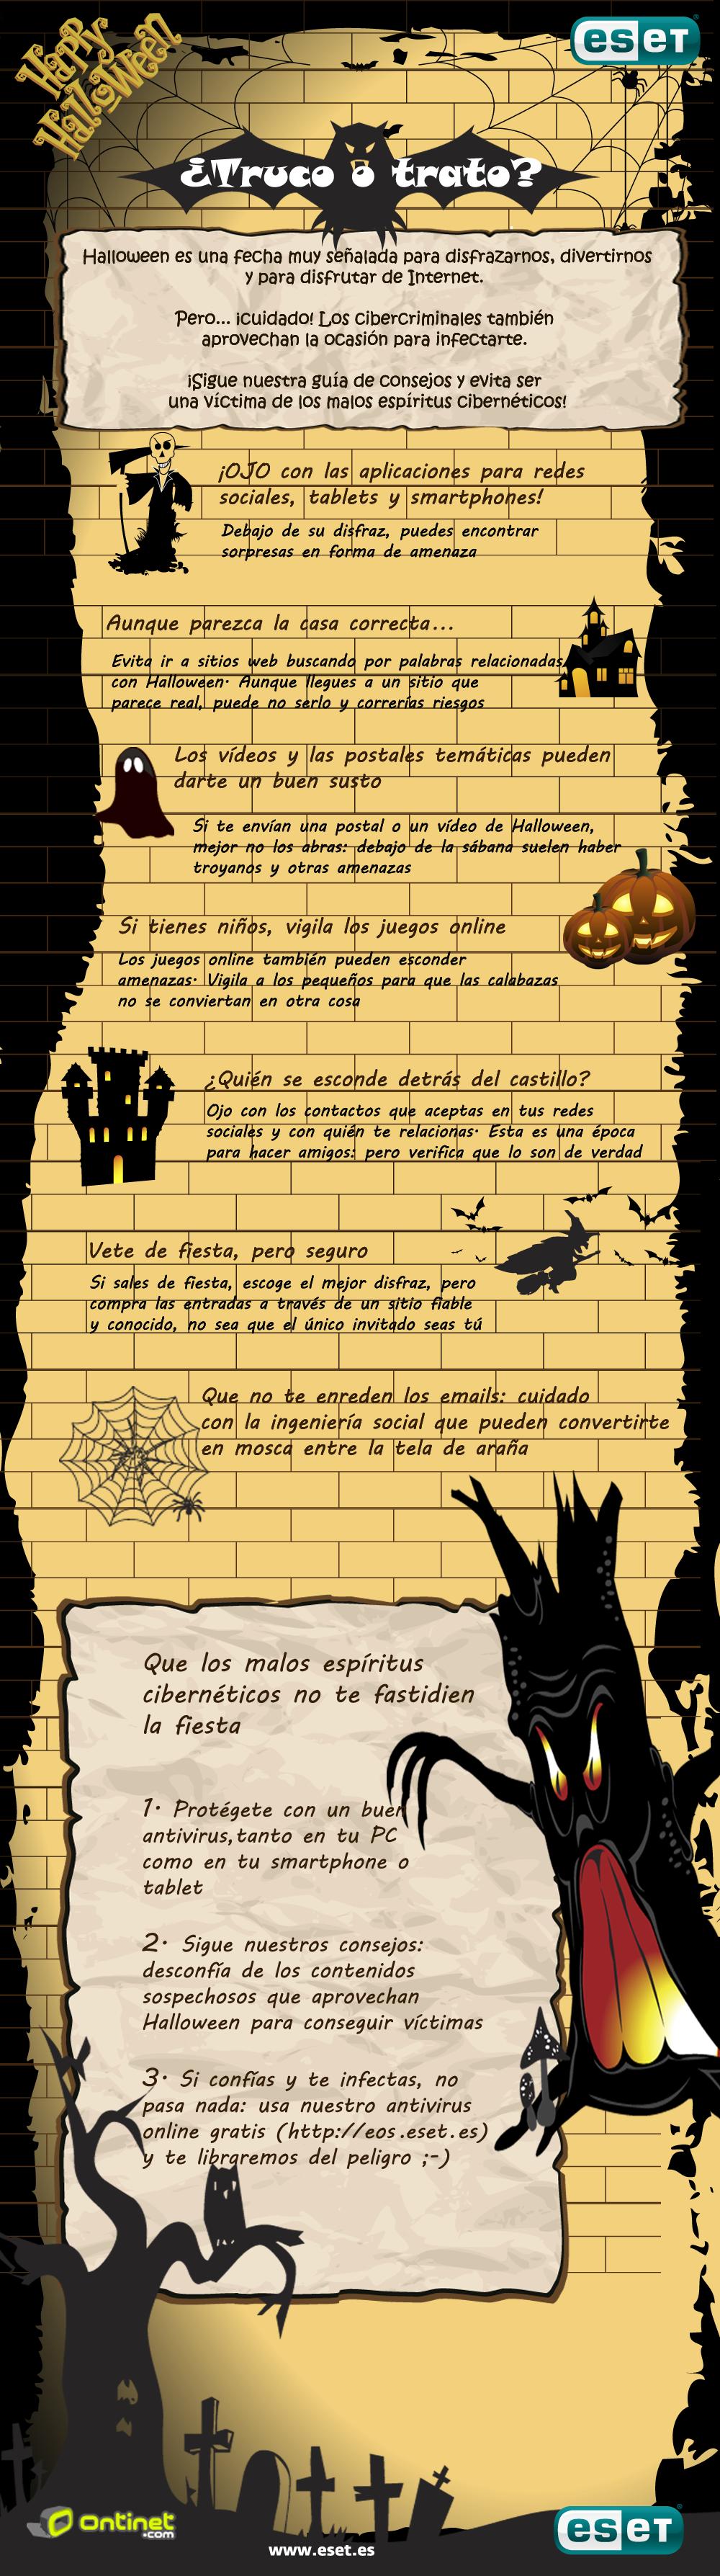 Consejos de ESET para un Halloween seguro